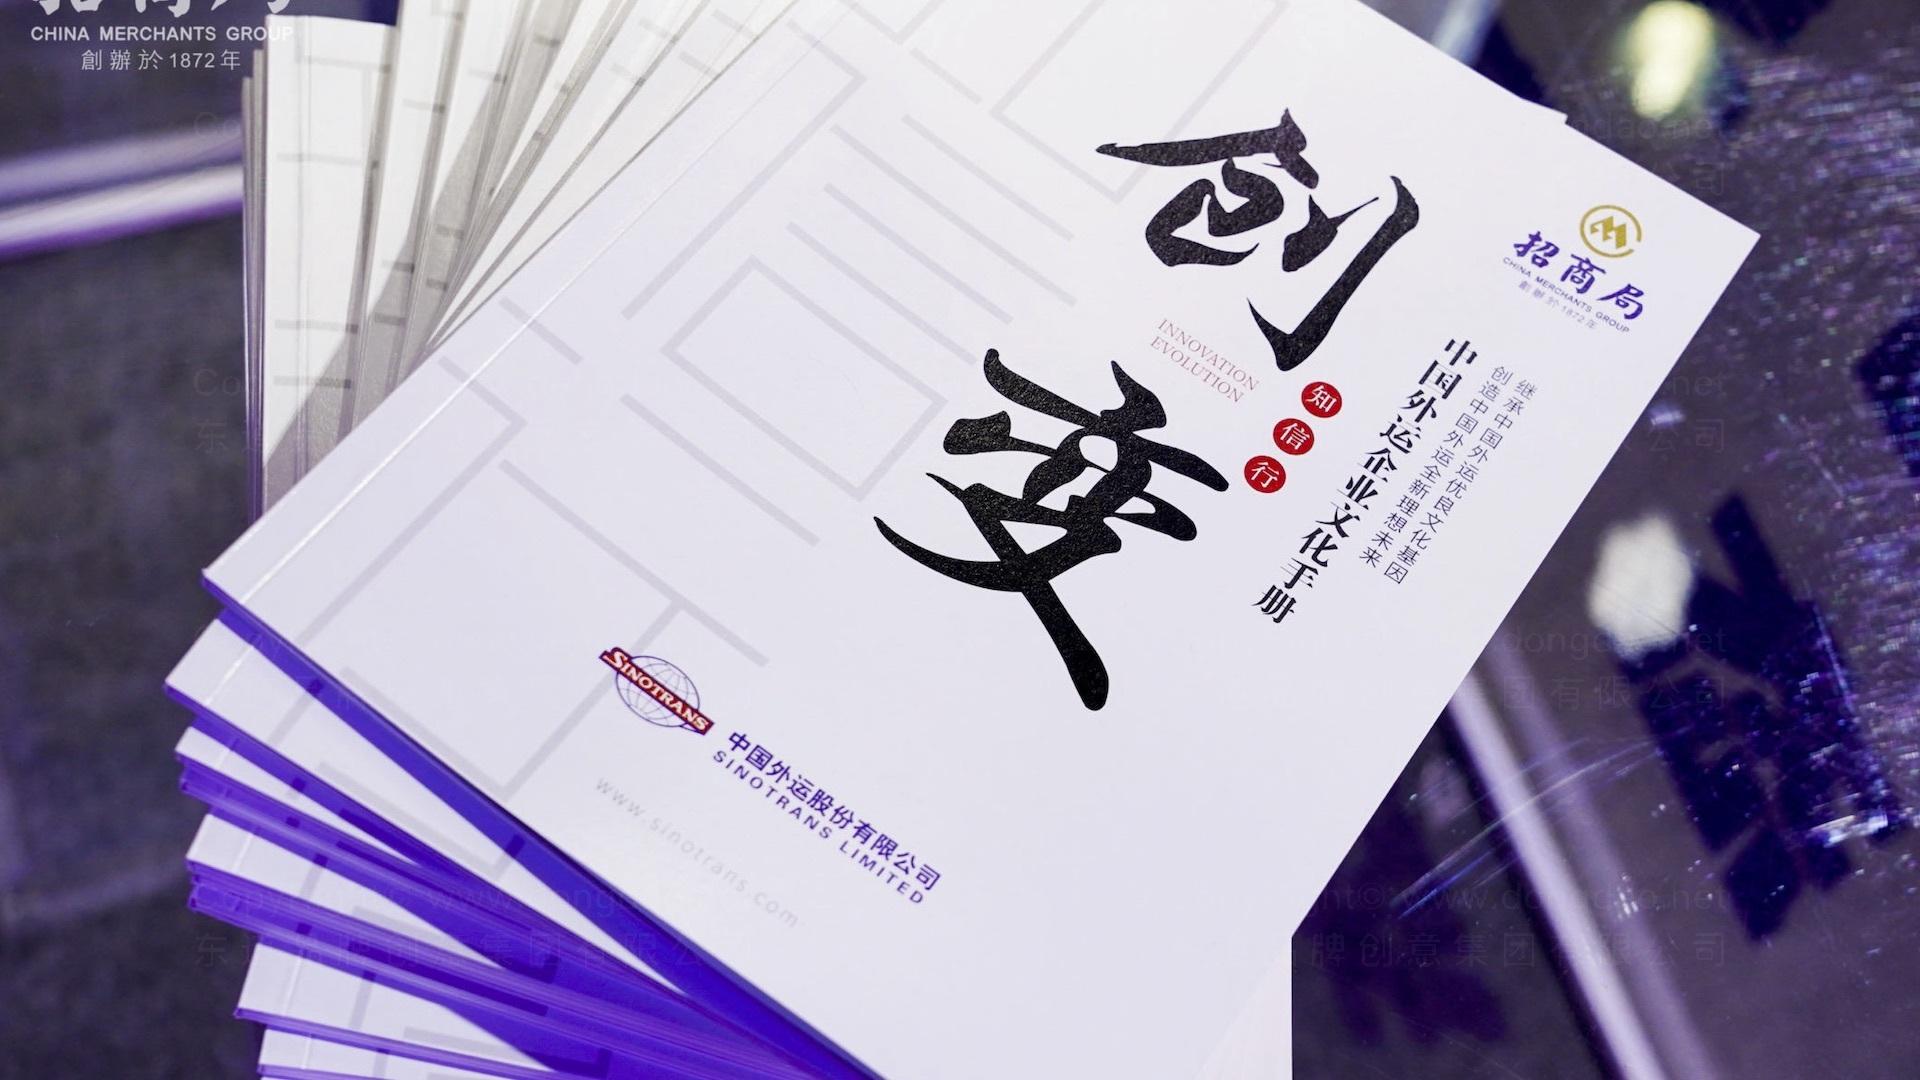 品牌战略&企业文化中国外运企业文化落地项目企业文化手册应用场景_13